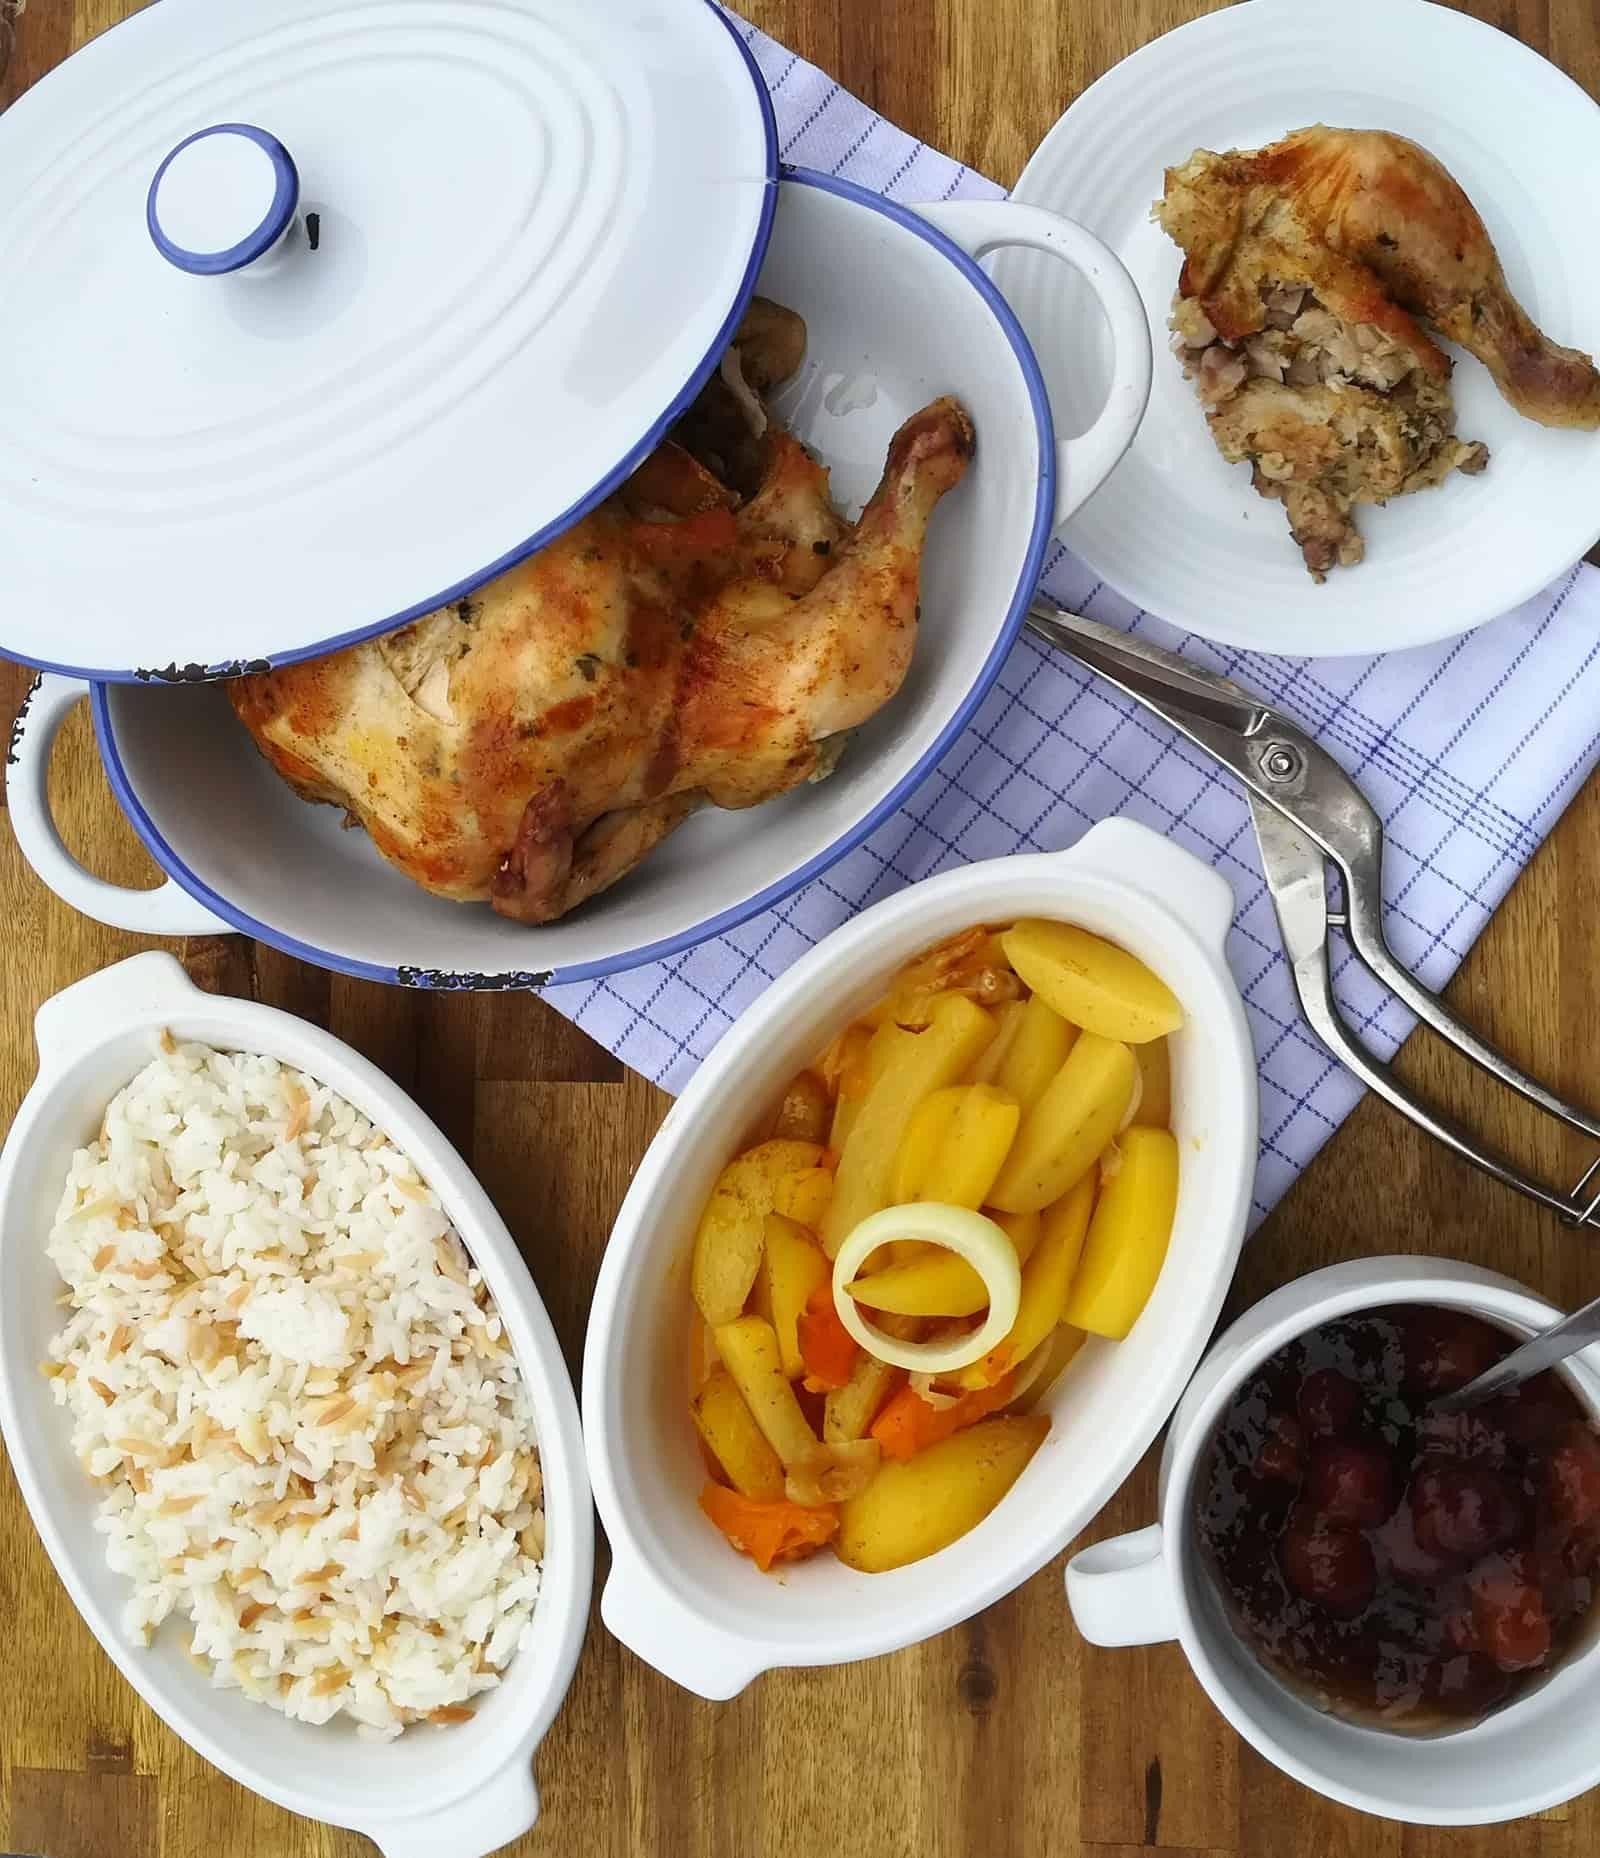 Pečené kurča s plnkou pod kožou